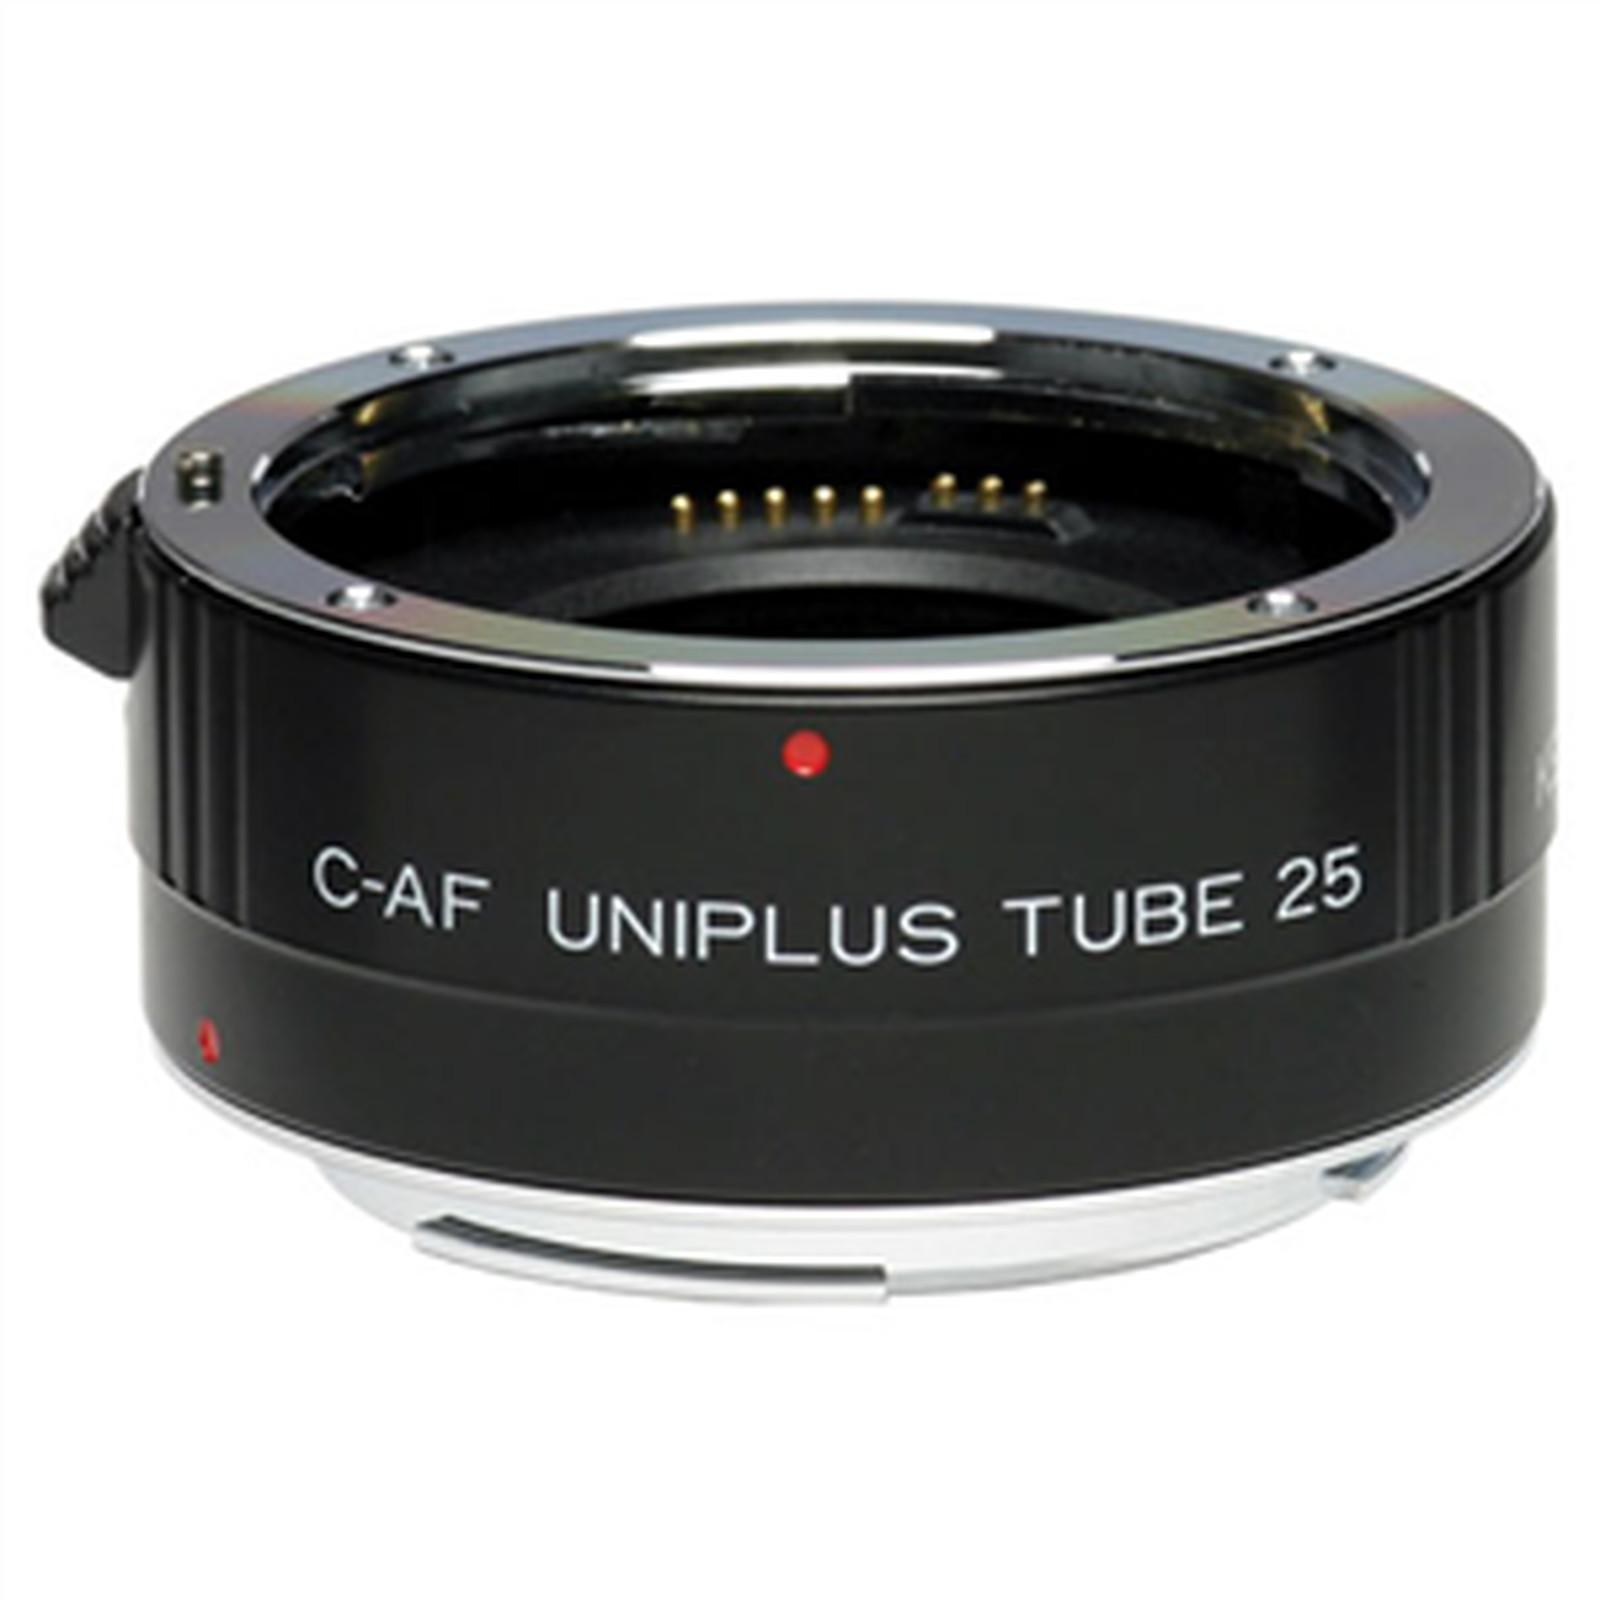 Kenko Uniplus Tube DG 25 monture Nikon